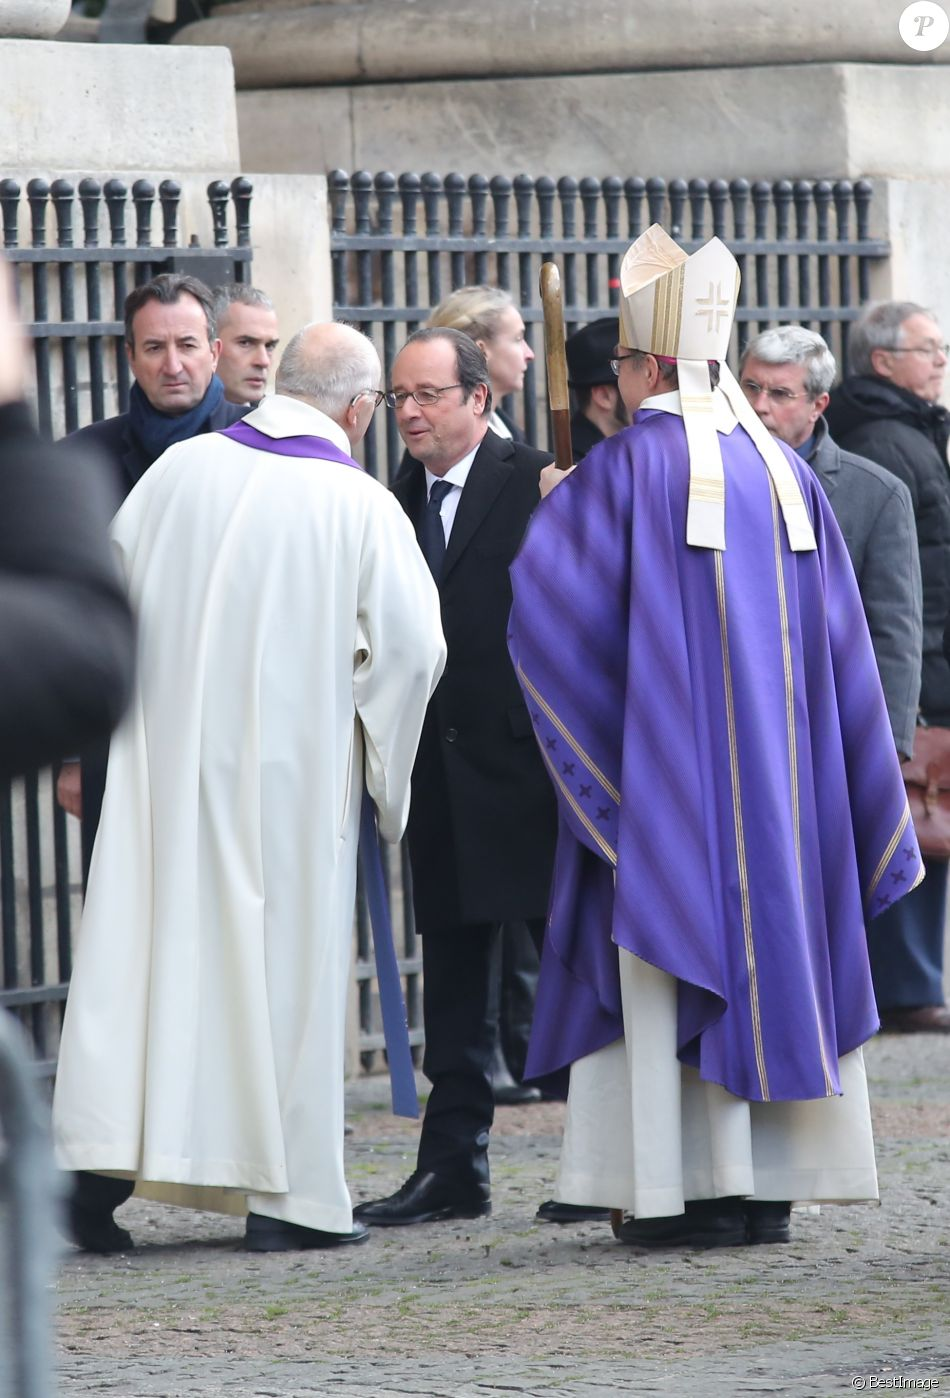 François Hollande, président de la République - Obsèques de François Chérèque, ancien secrétaire général de la CFDT en l'église Saint-Sulpice, Place Saint-Sulpice à Paris, le 5 janvier 2017.